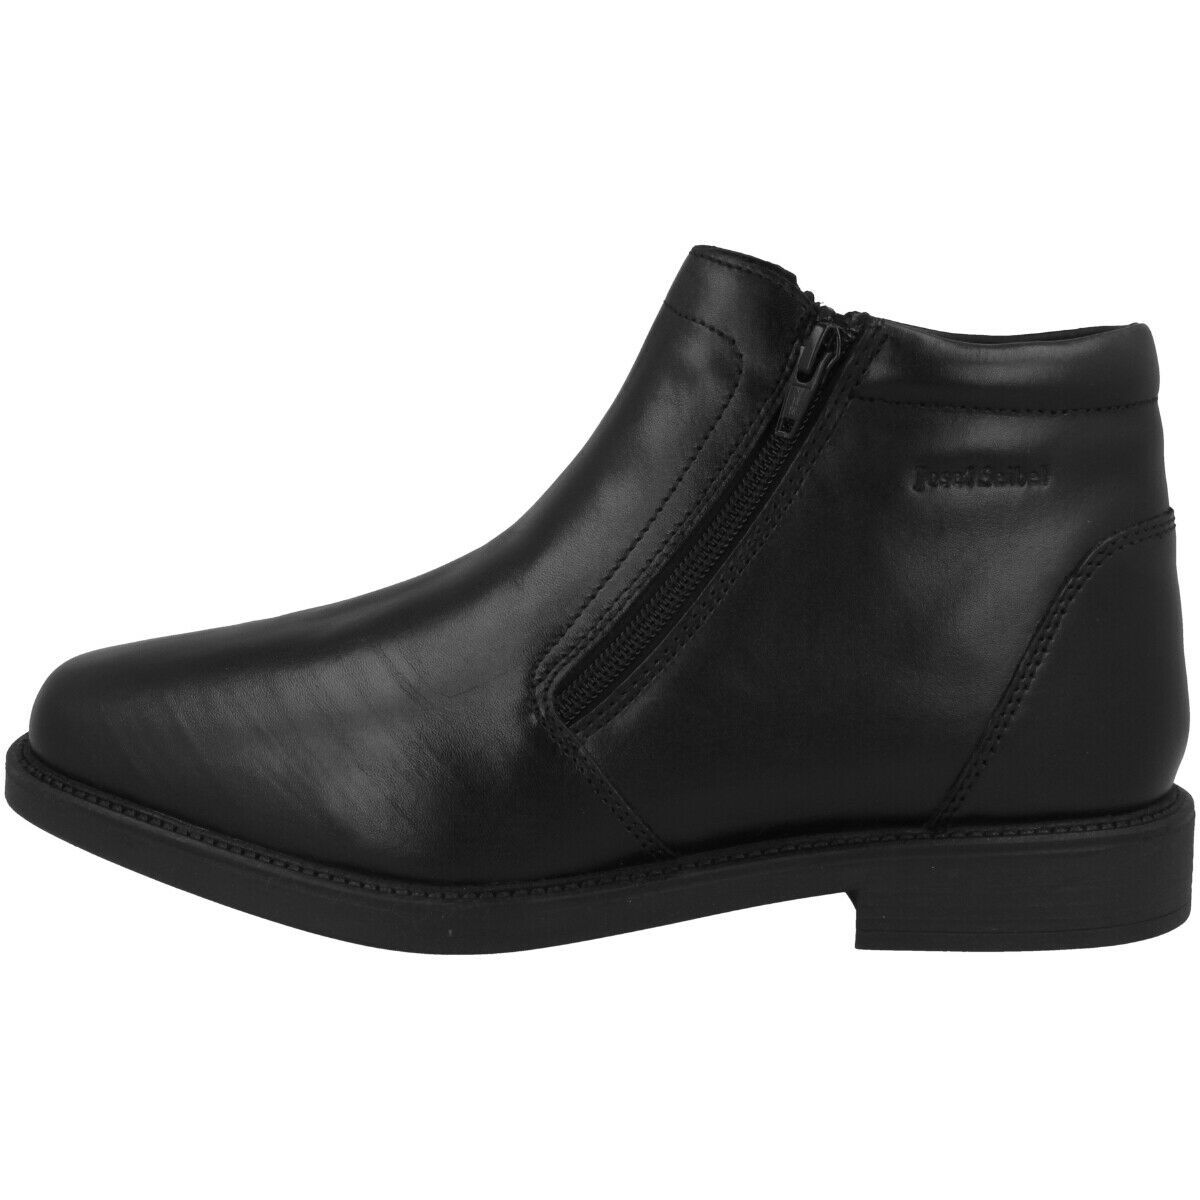 Josef Seibel abel 07 invierno bota botas botas de nieve negro 12507-la30-100